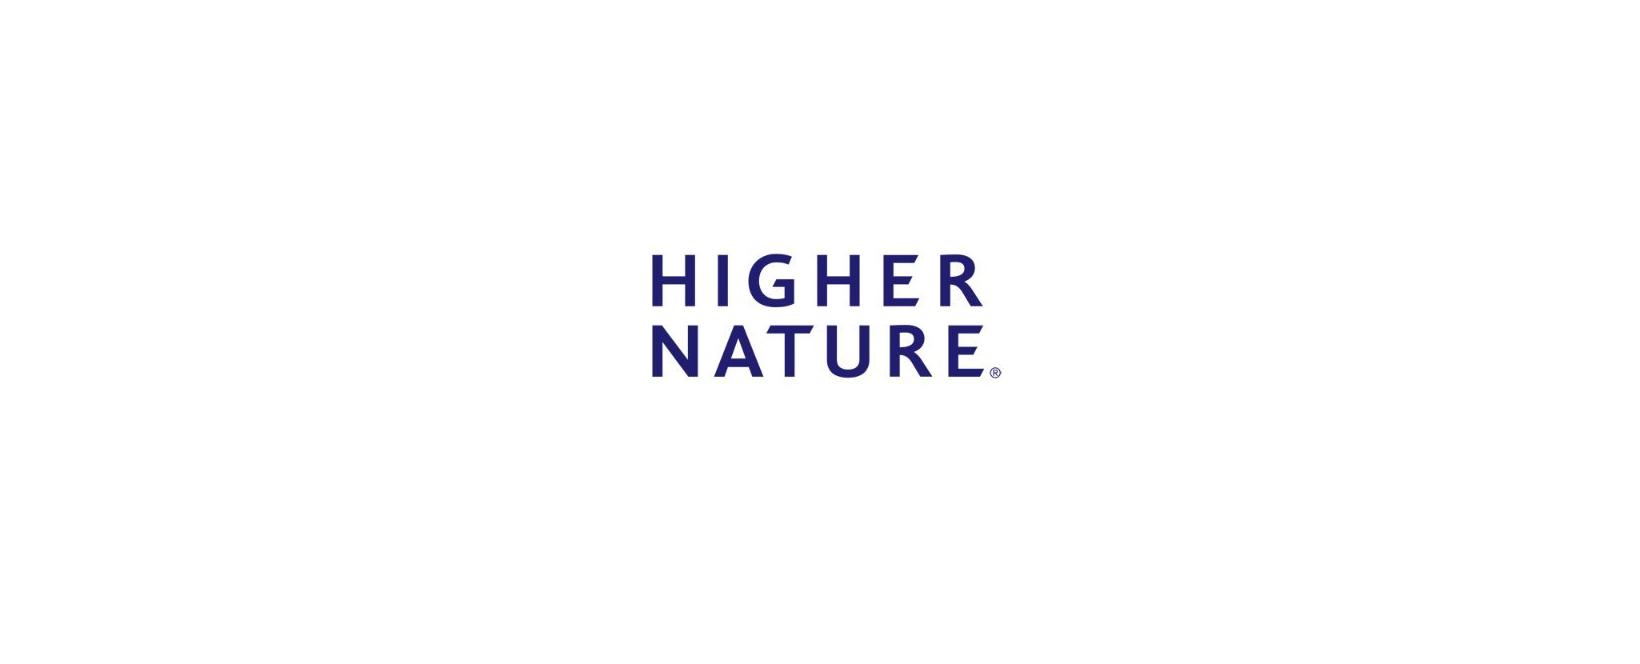 Higher Nature UK Discount Code 2021